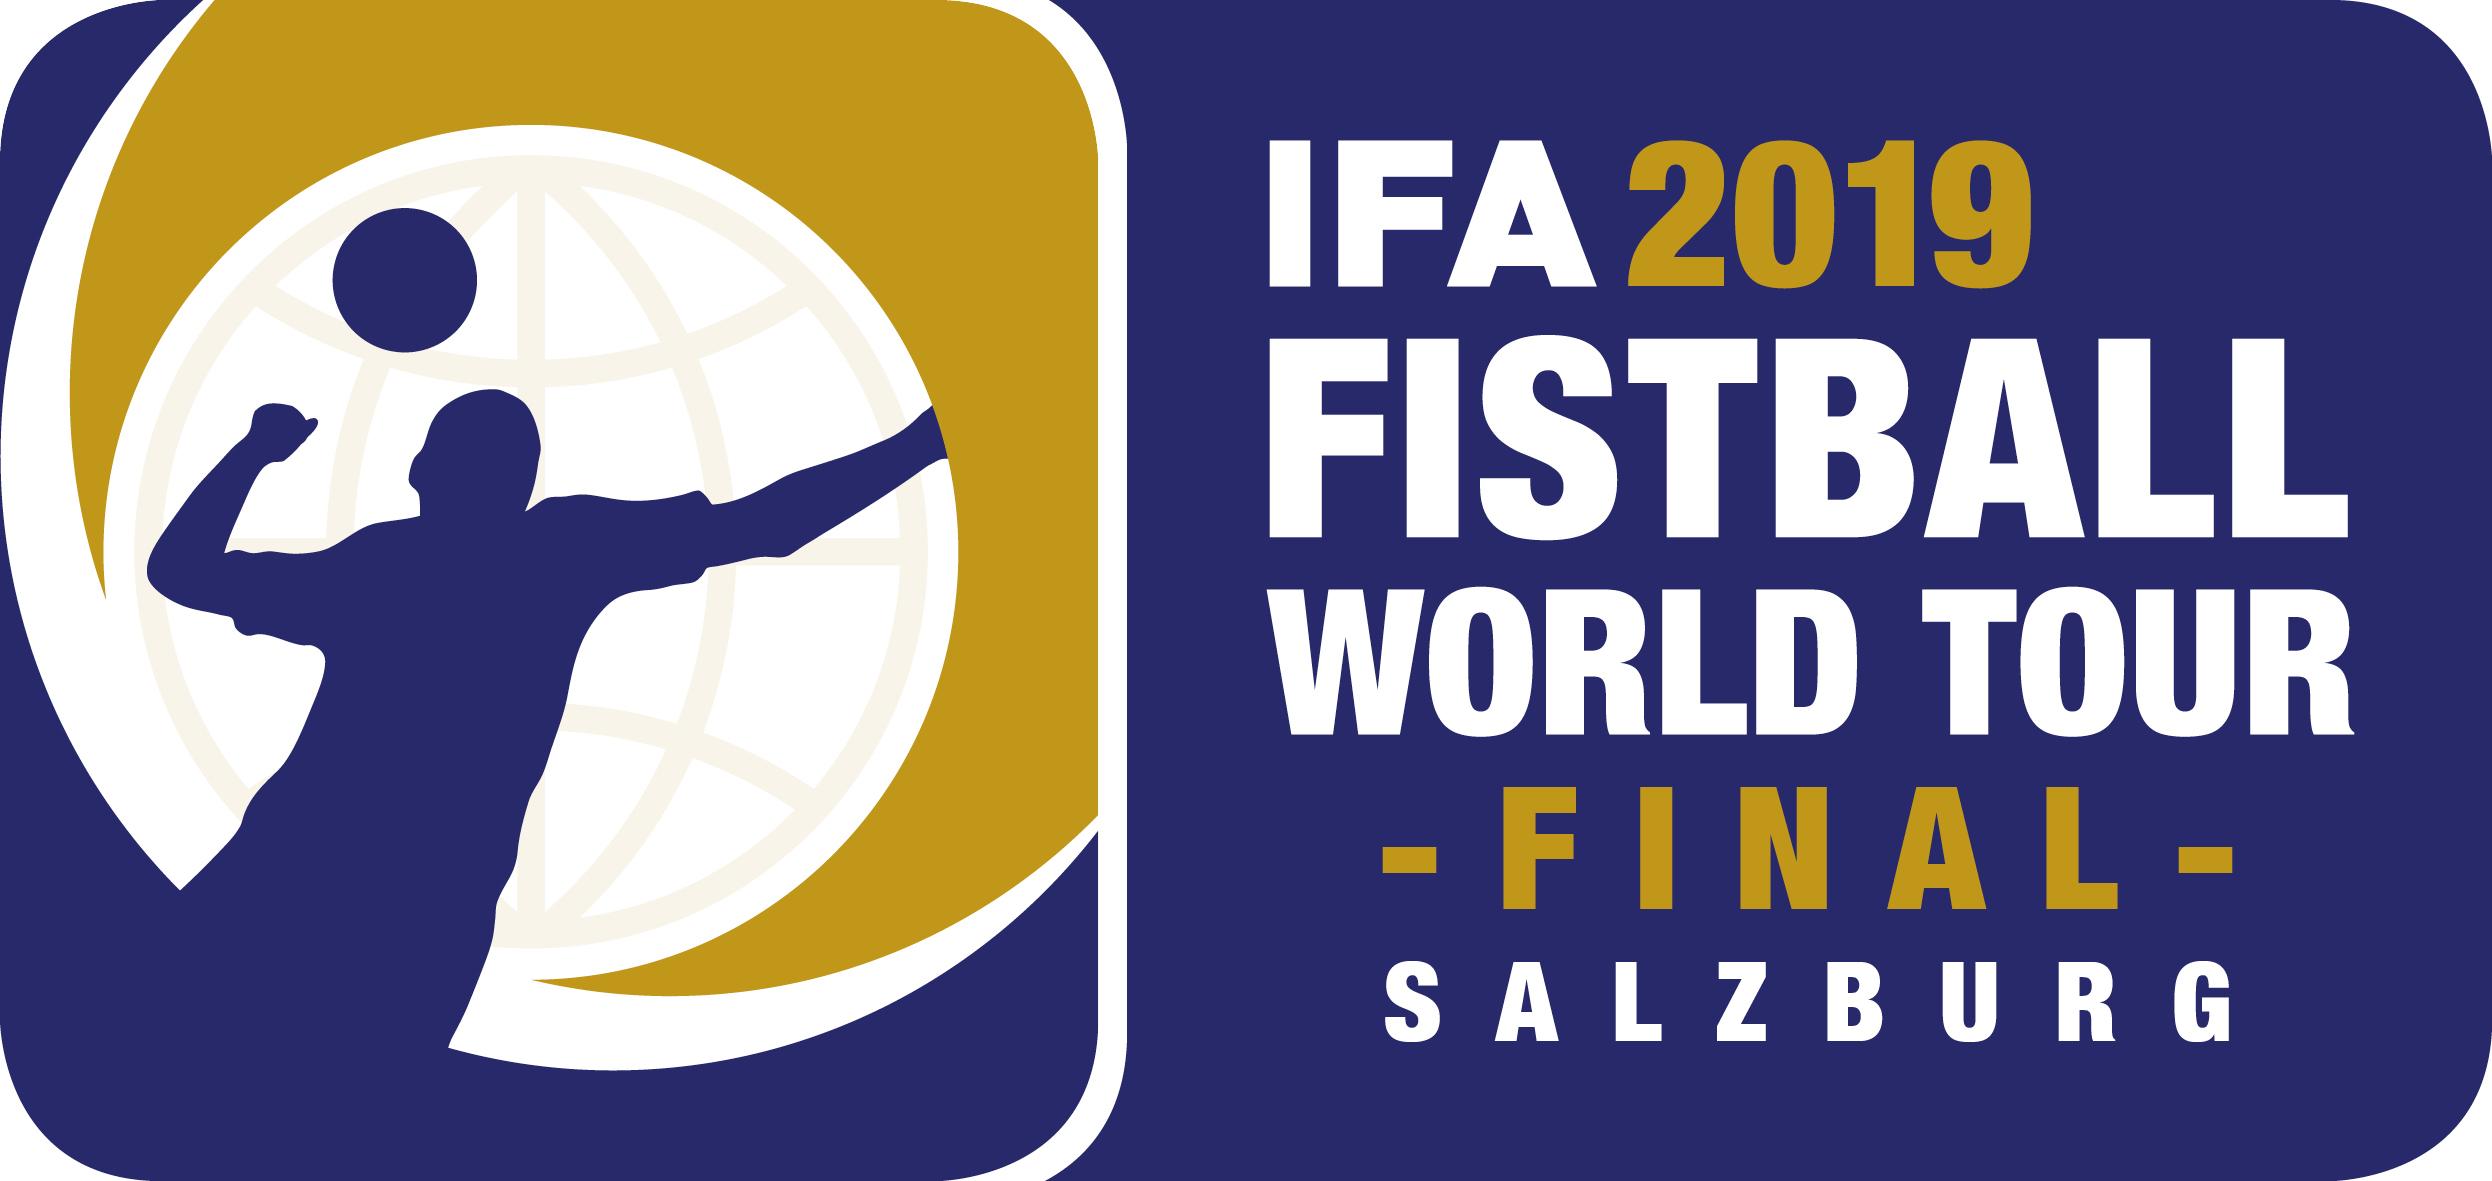 IFA Fistball World Tour Finale | 13.-15.9.2019 | Salzburg (Österreich)